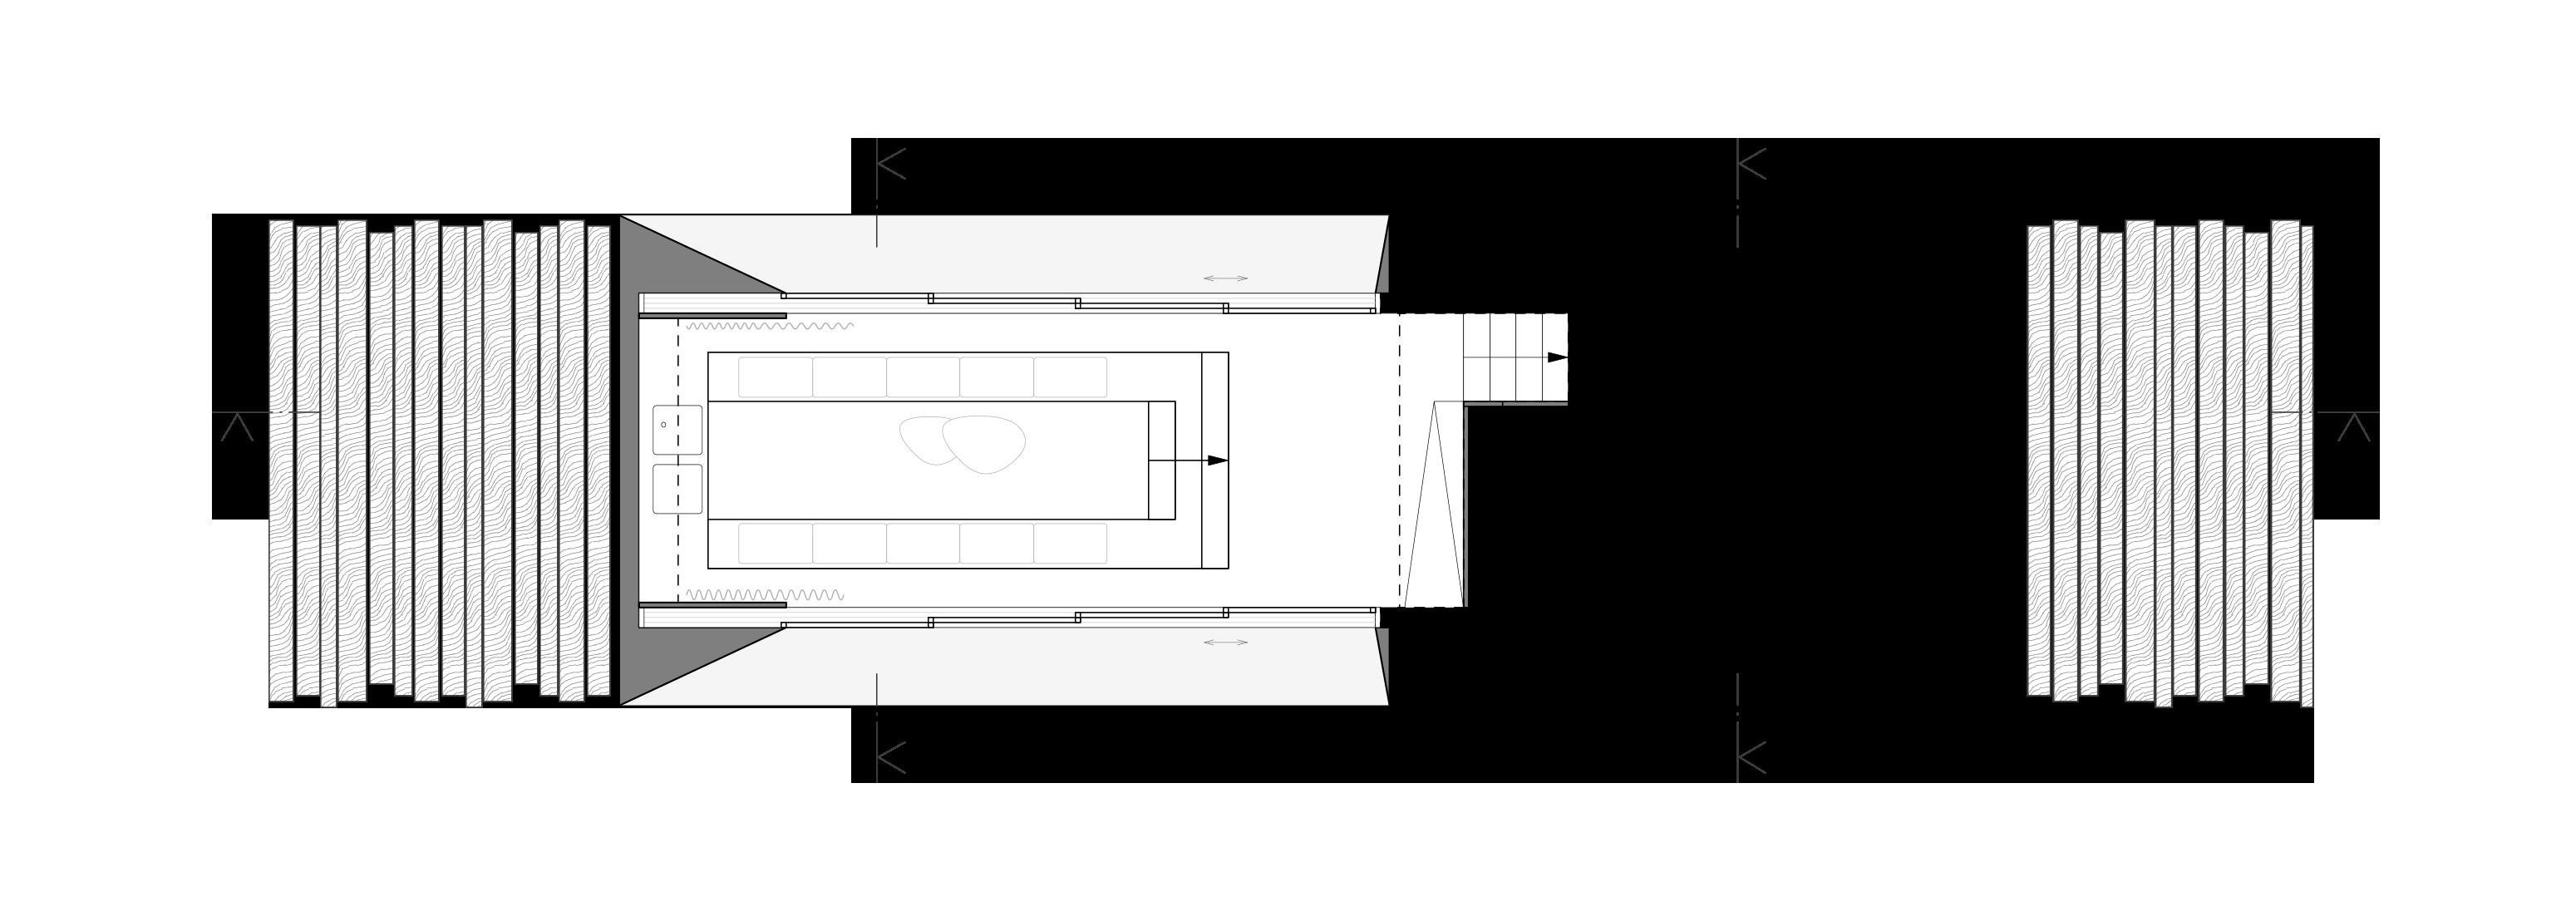 christophe-benichou-wall-of-logs-3